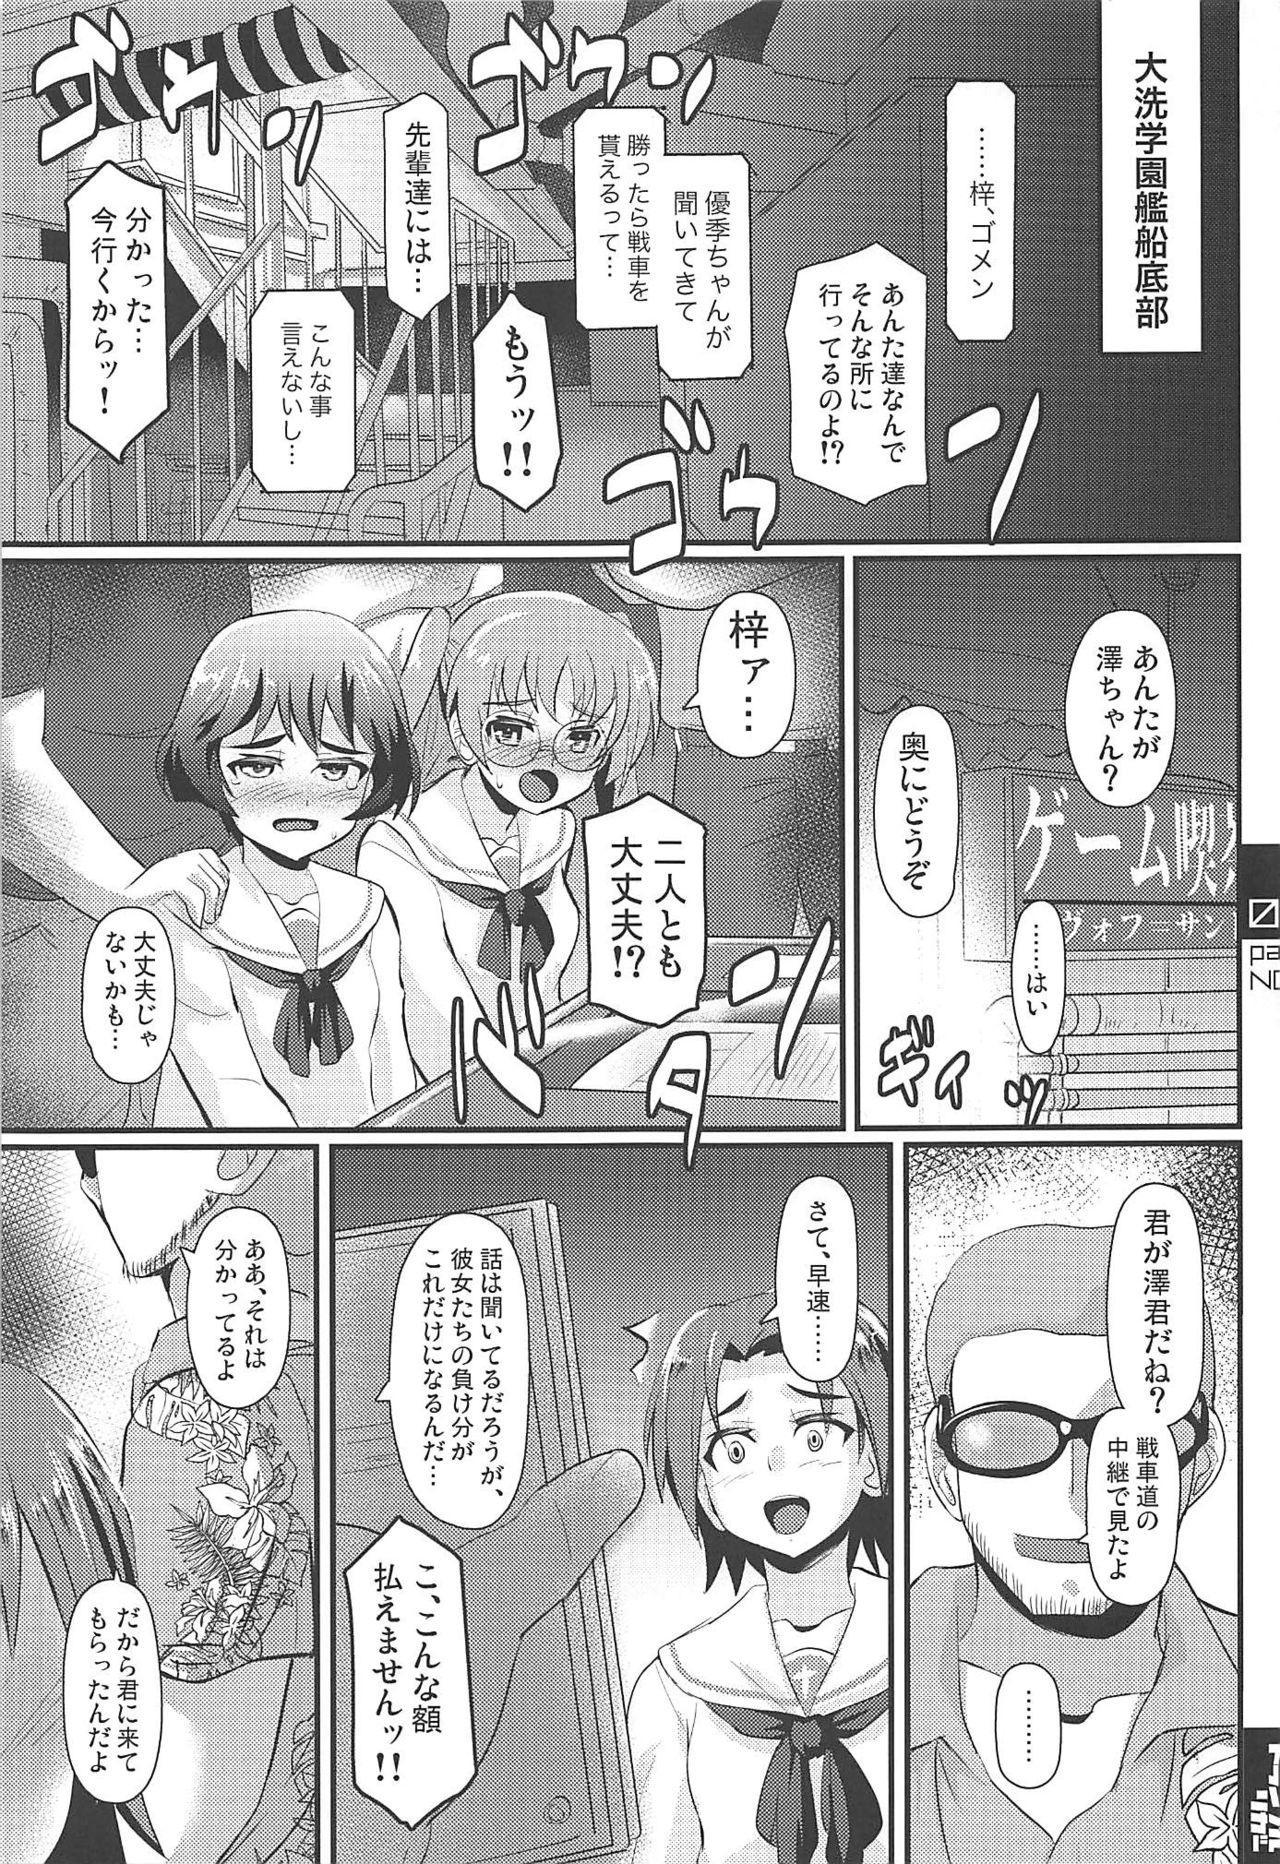 Sawa-chan ga Sasottandakara ne 1